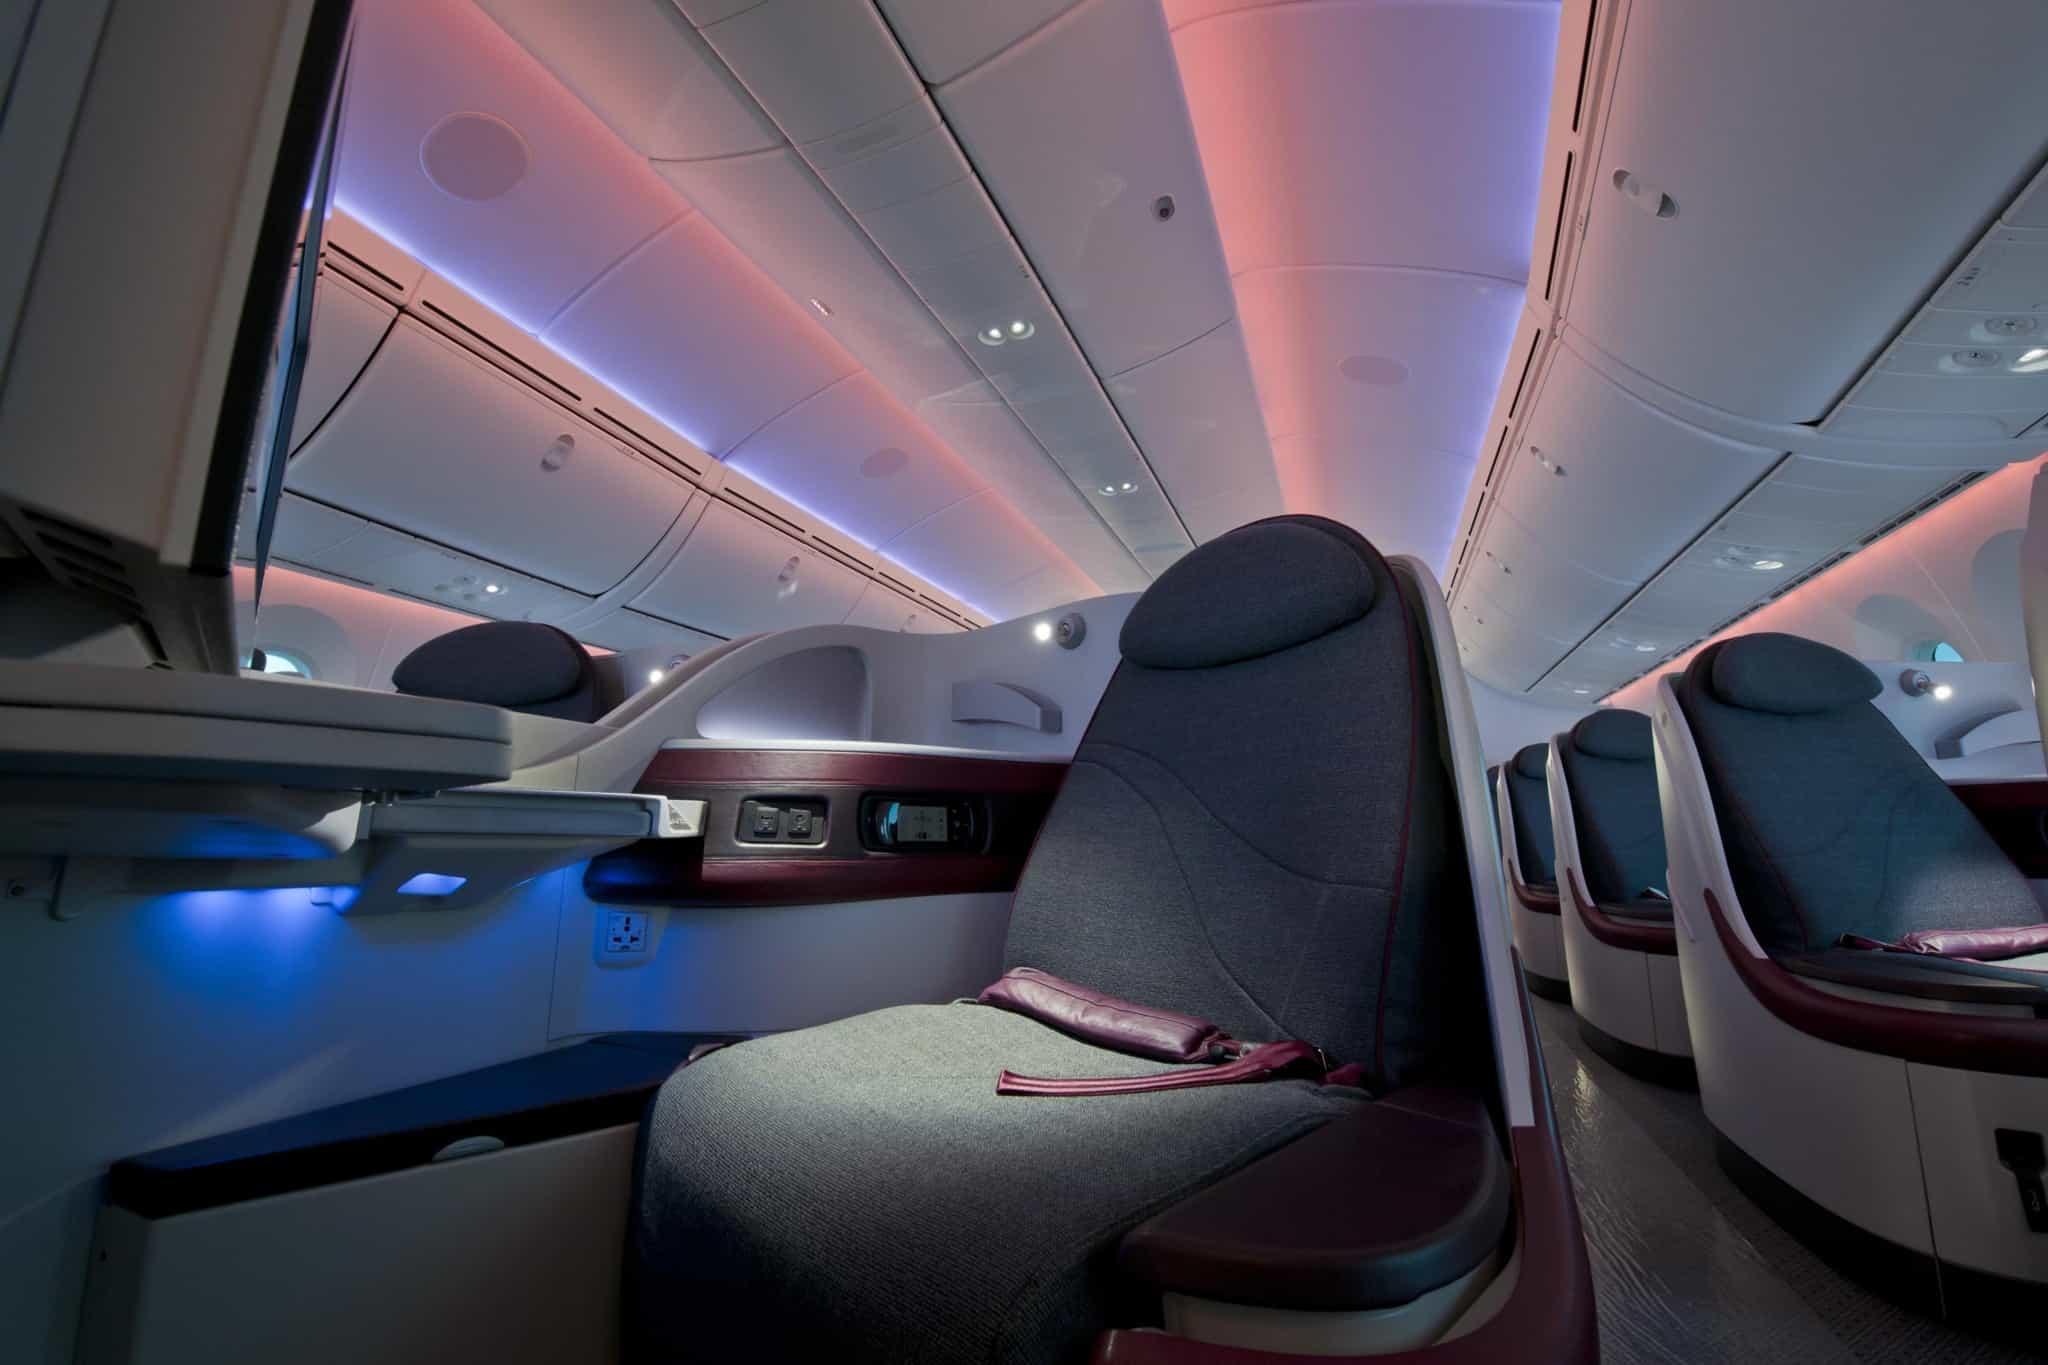 Innovación en los asientos de avión. Foto: El mundo